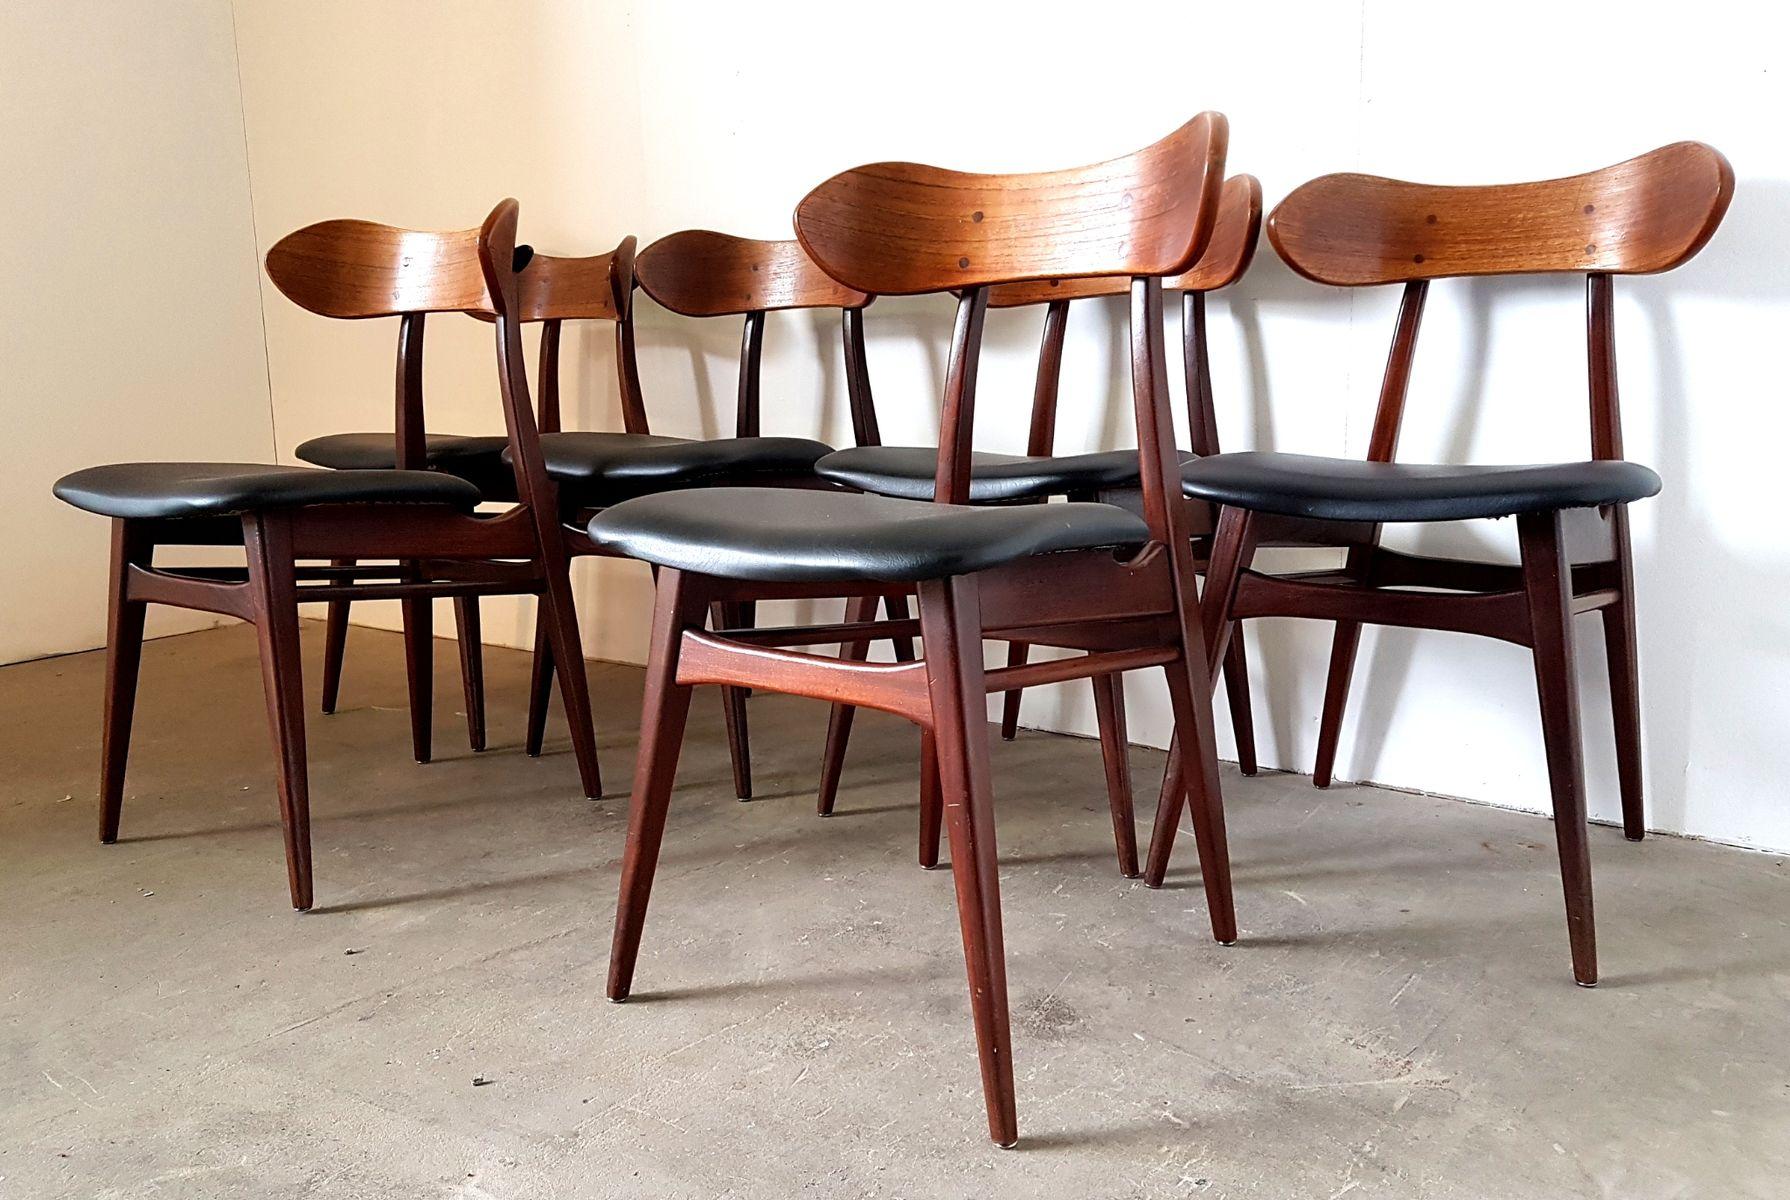 esszimmerst hle von louis van teeffelen f r w b 1960er. Black Bedroom Furniture Sets. Home Design Ideas